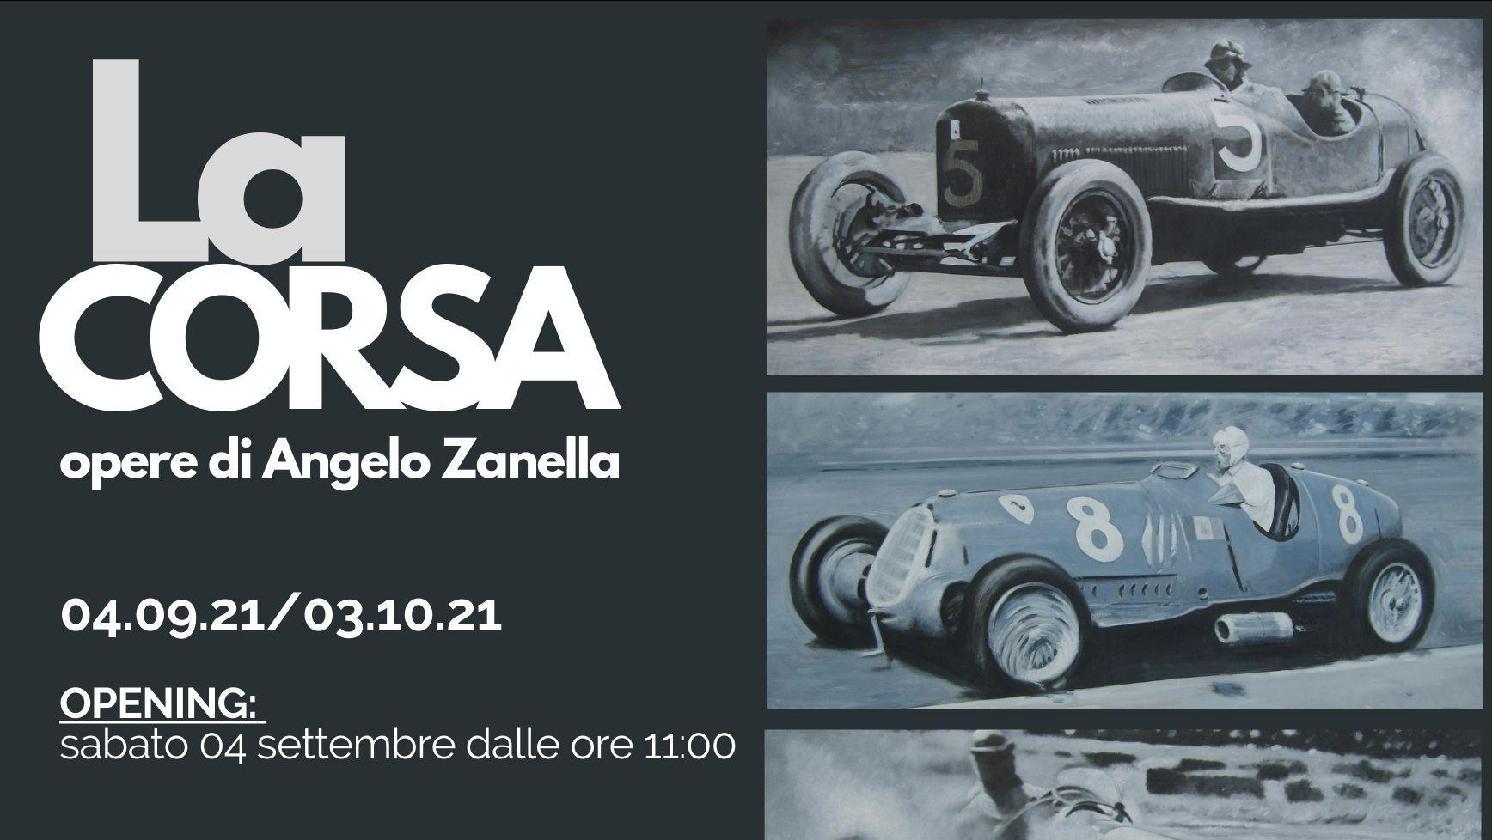 Inaugurazione mostra La Corsa - opere di Angelo Zanella